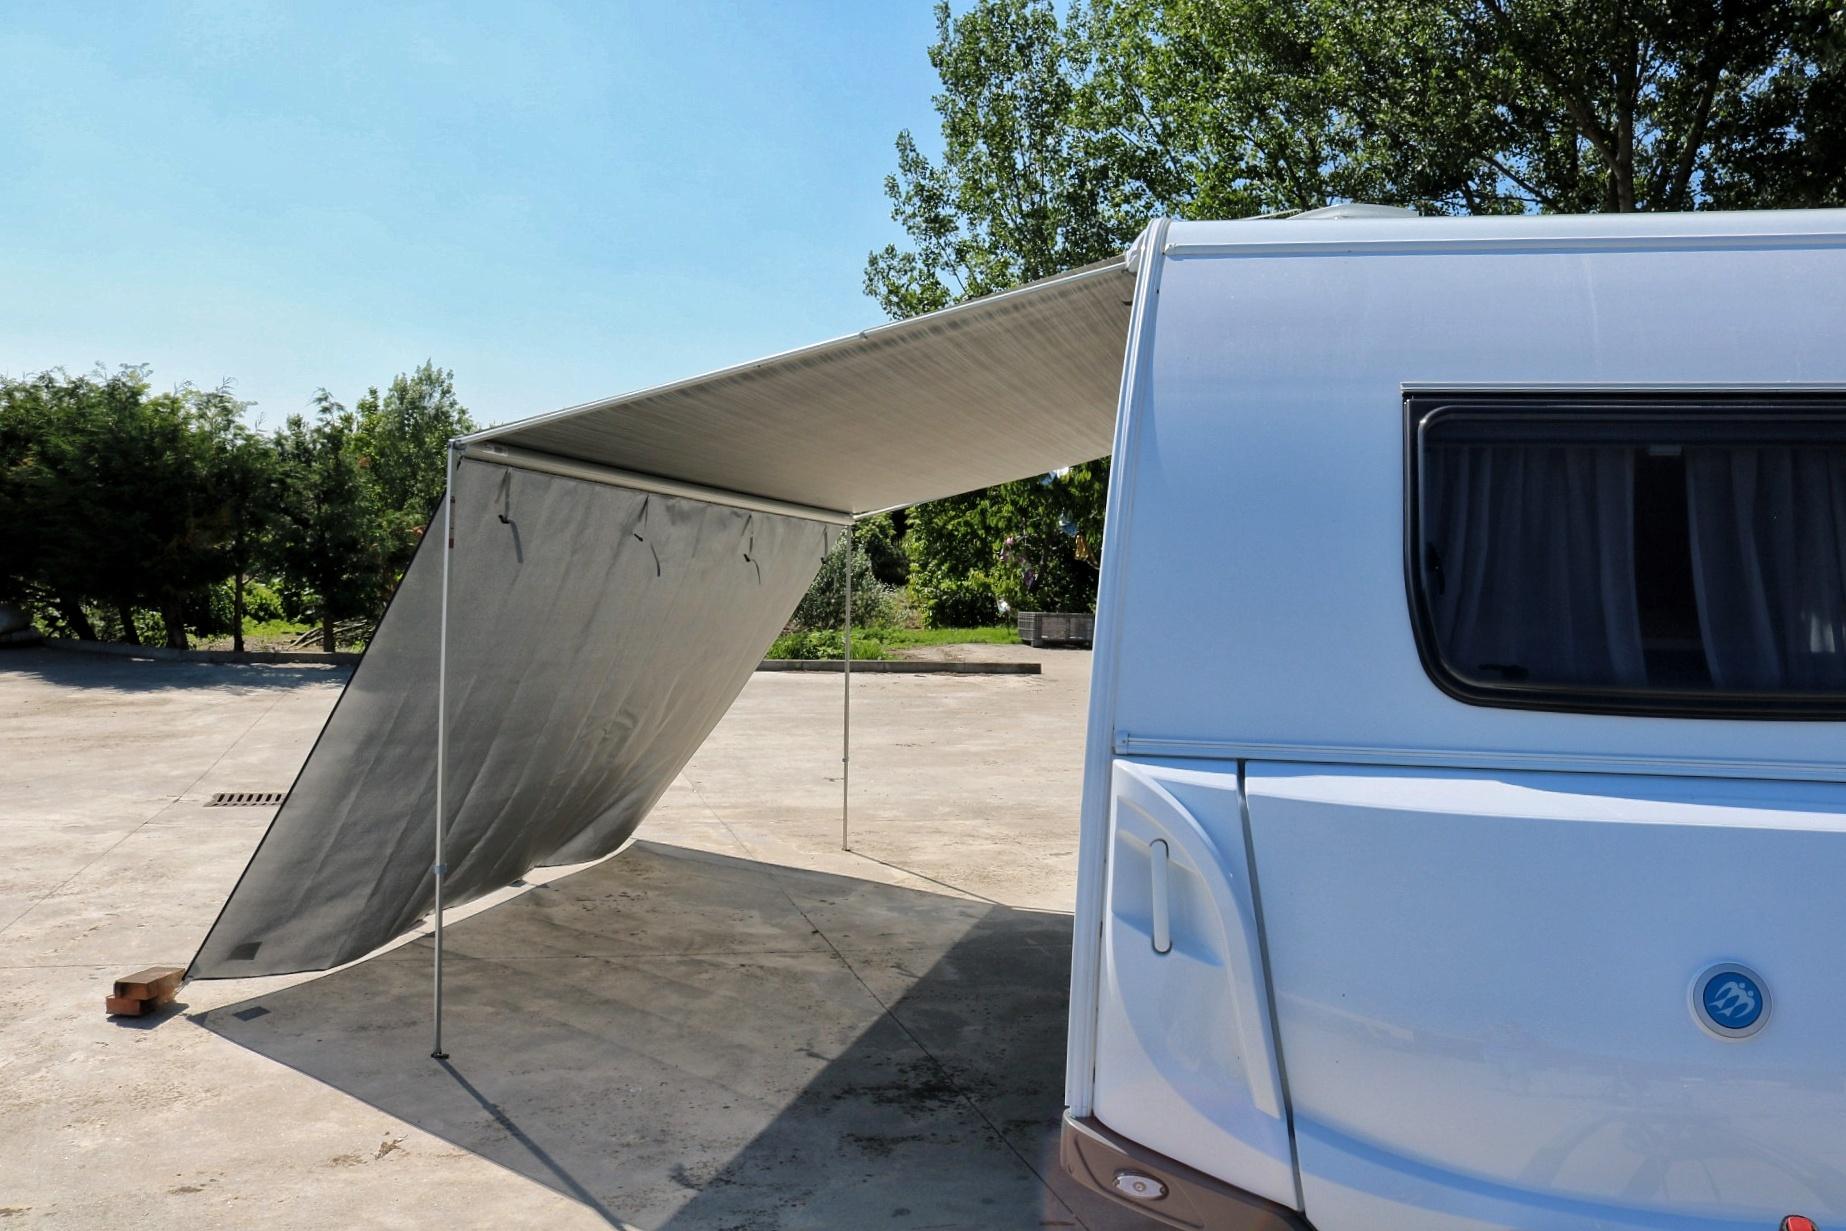 Tendalino roulotte: telo frangisole per aumentare la zona di ombra in campeggio